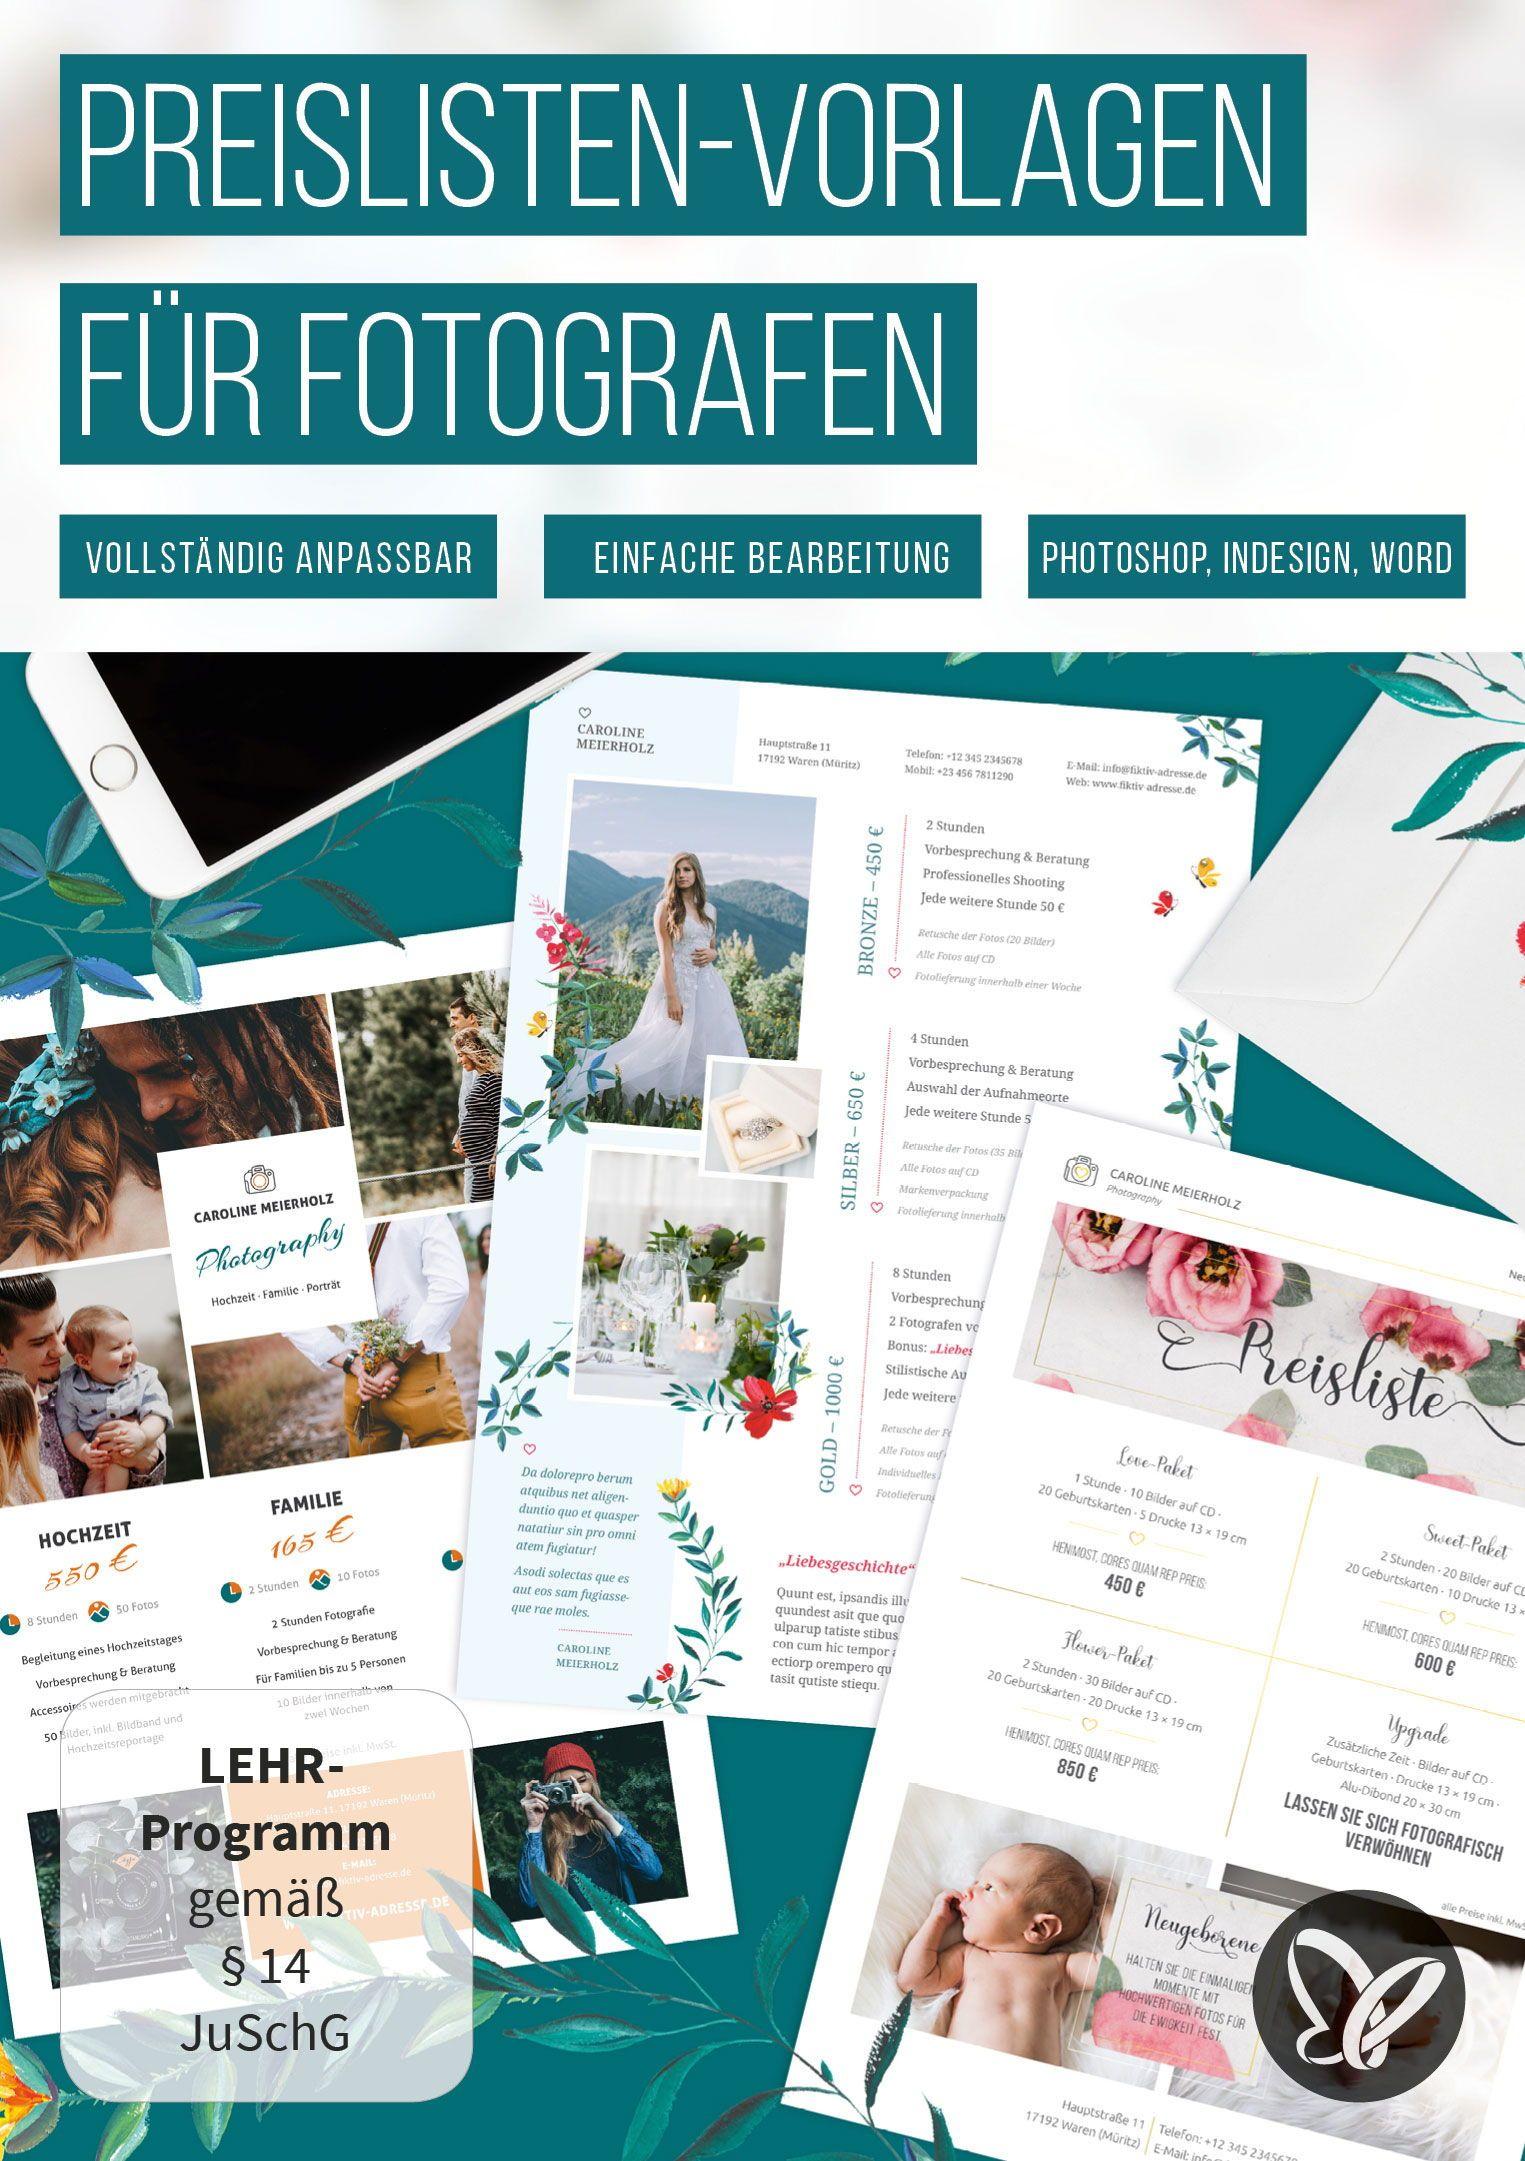 Preislisten Vorlagen Fur Fotografen Photoshop Indesign Publisher Word Photoshop Fotografen Vorlagen